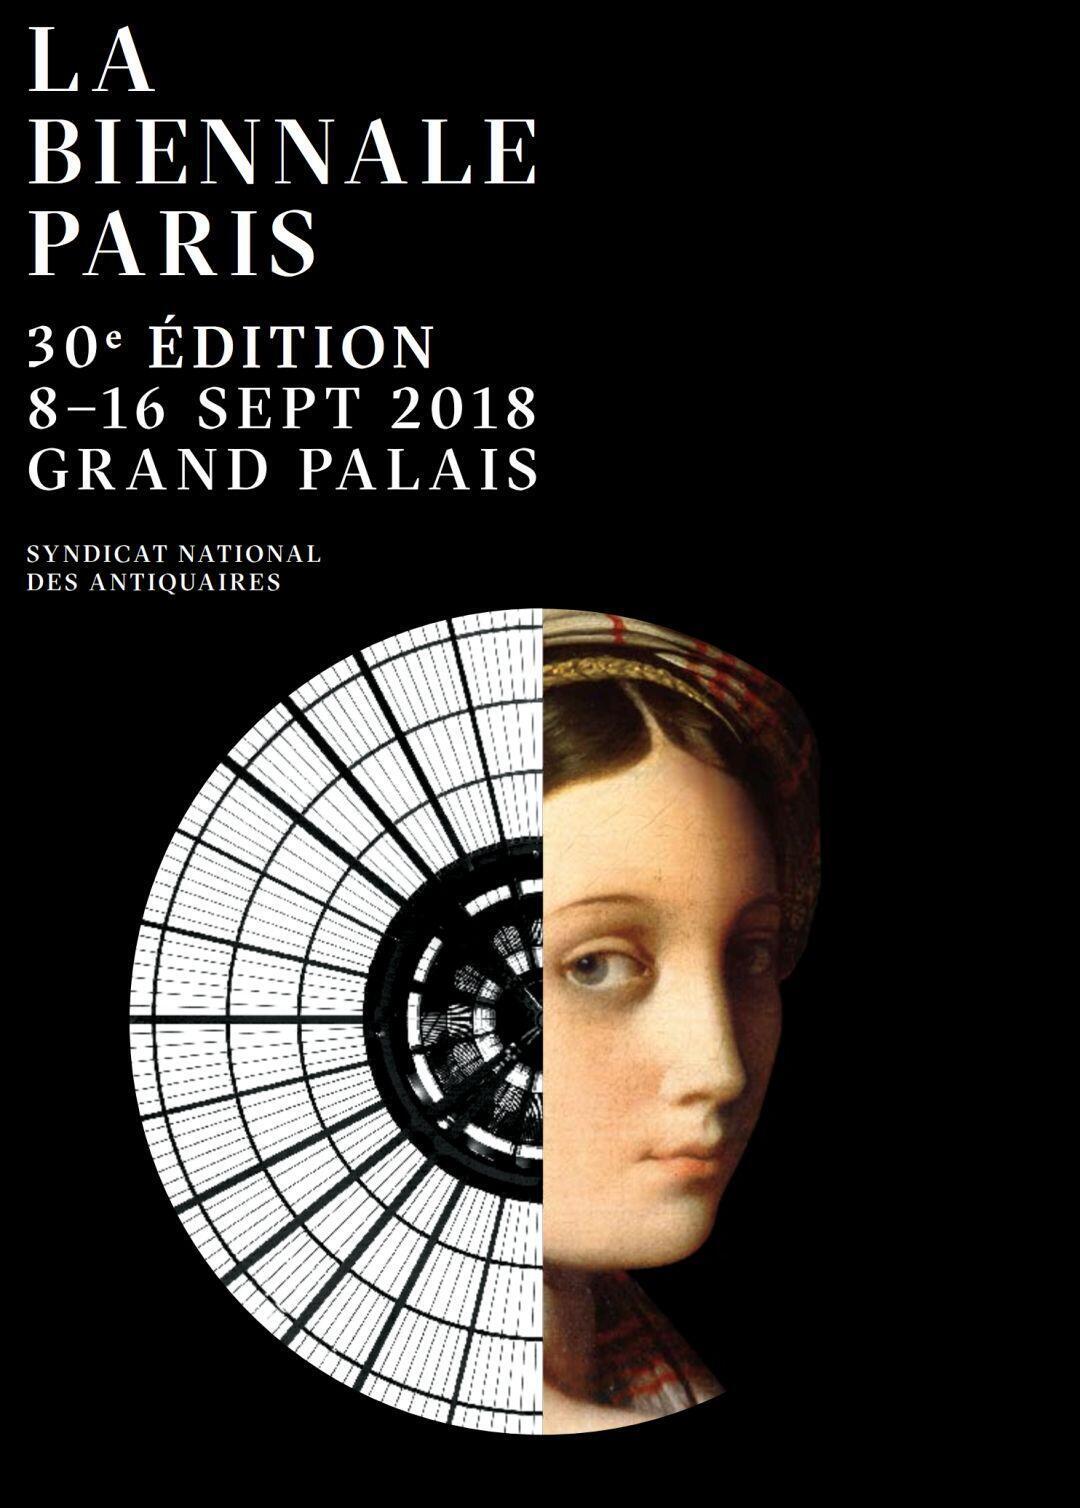 巴黎古董双年展于2018年9月8日至16日在巴黎大皇宫拉开帷幕